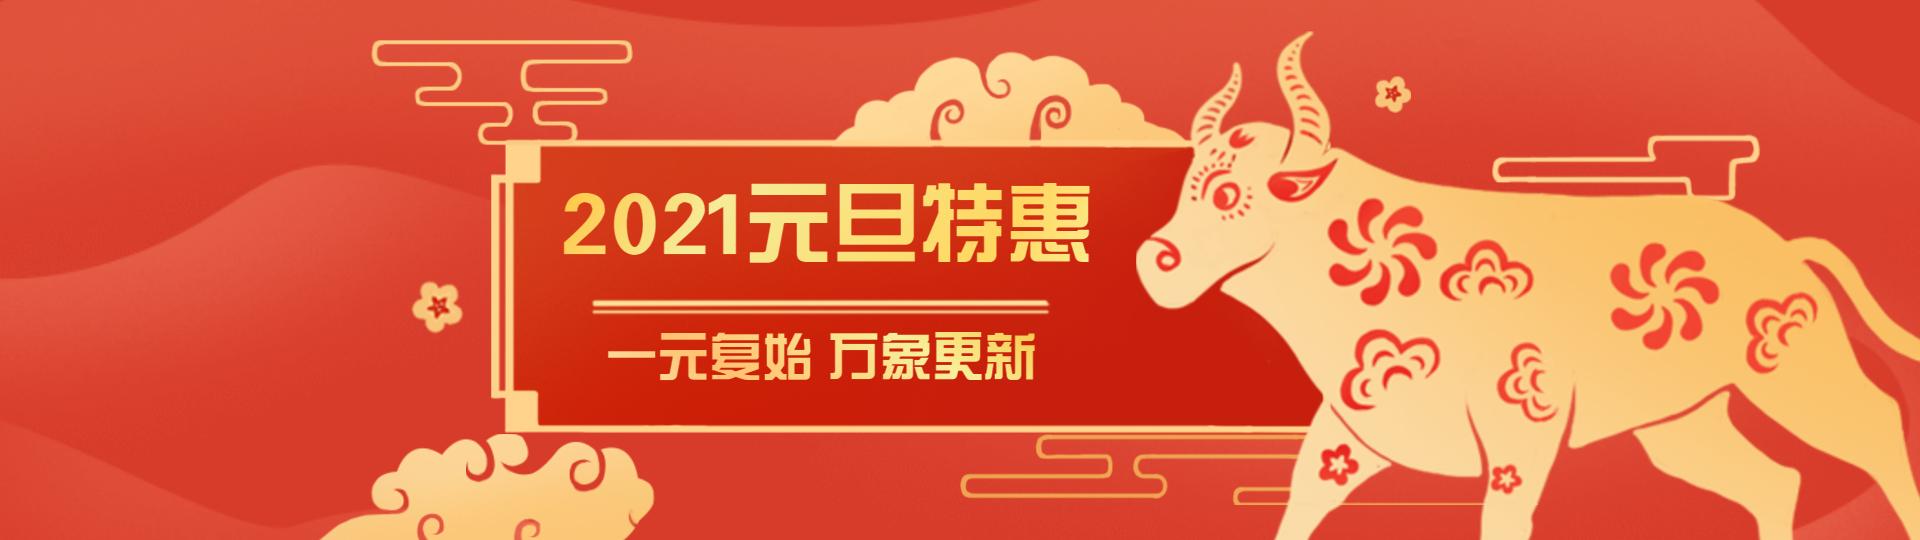 元旦新年牛年喜庆中国风公众号首图1920x540.jpg